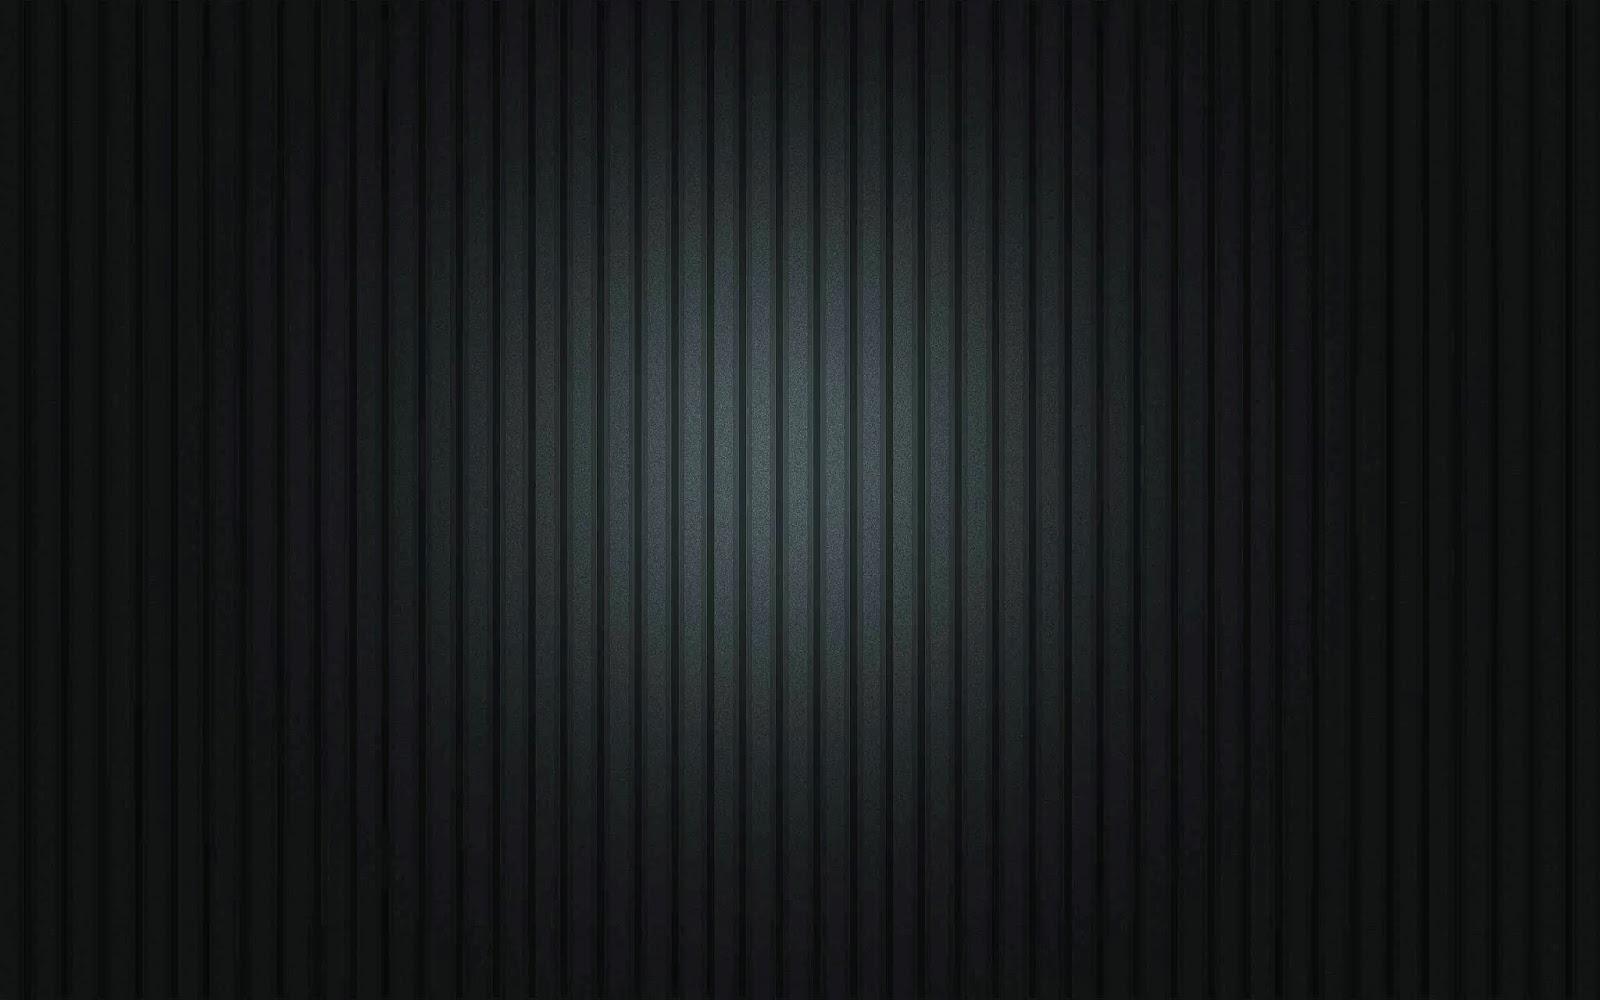 Fondos Oscuros Abstractos HD